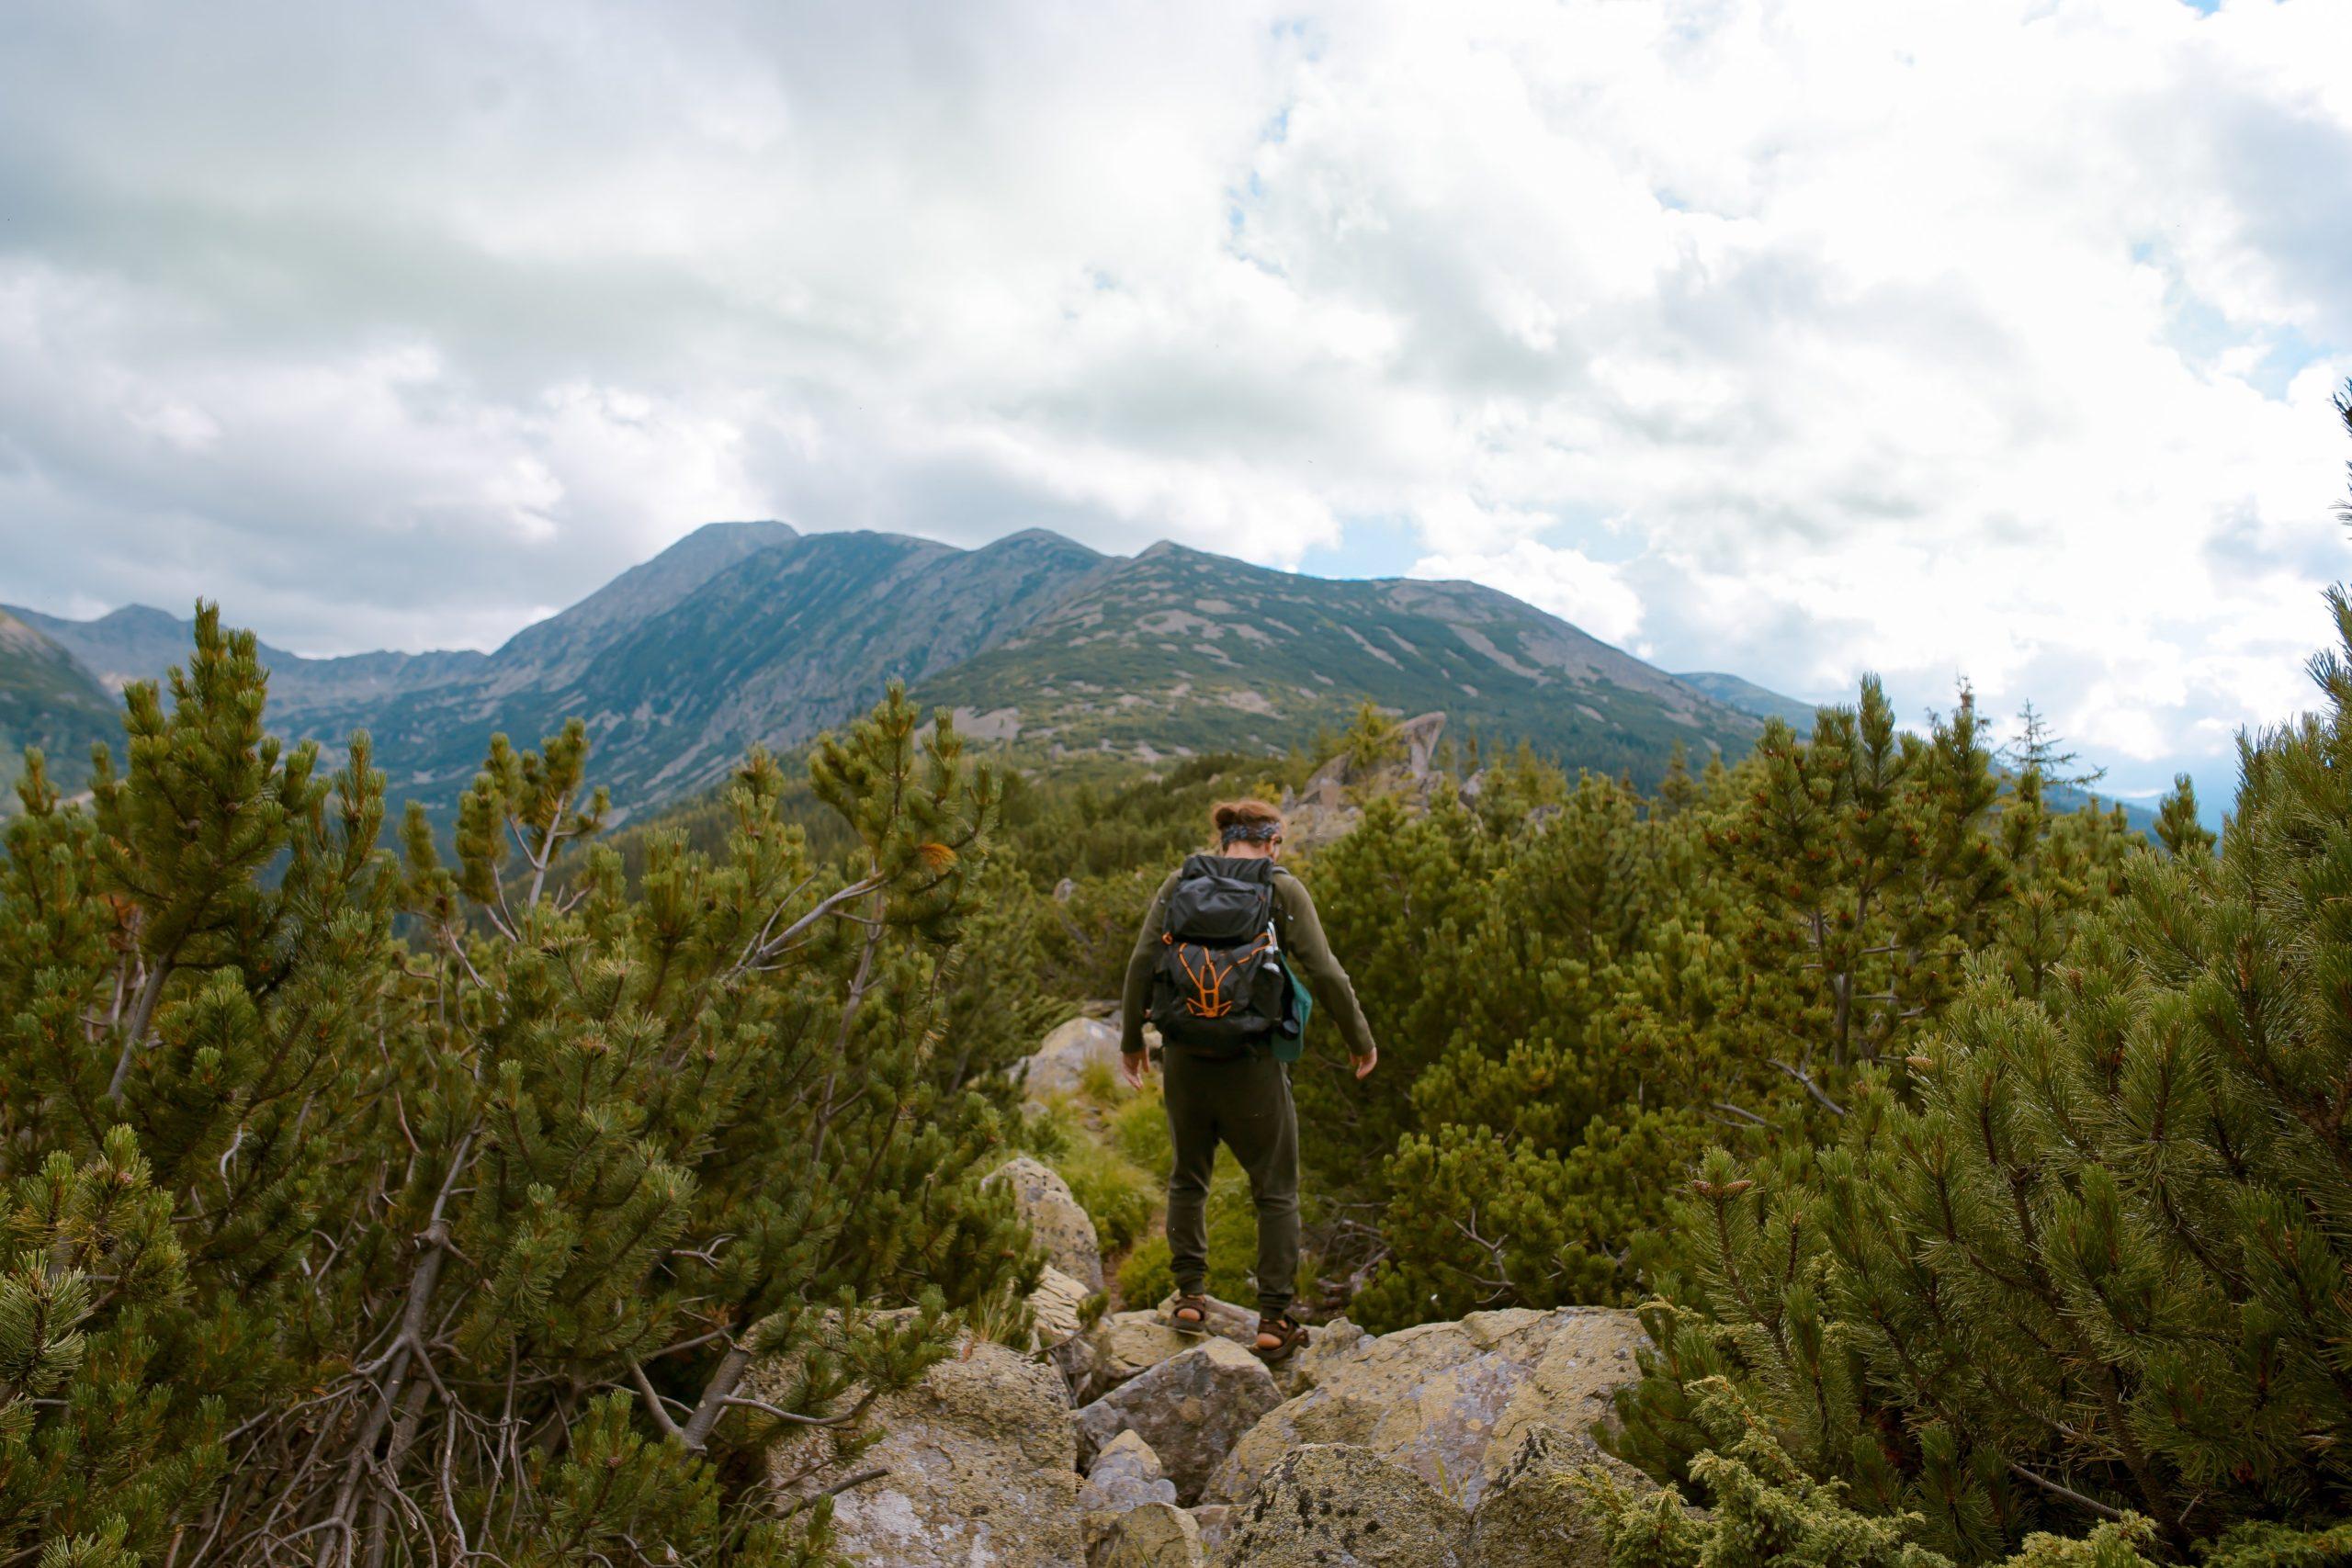 Letnie wędrówki. Co jest potrzebne w górach latem?